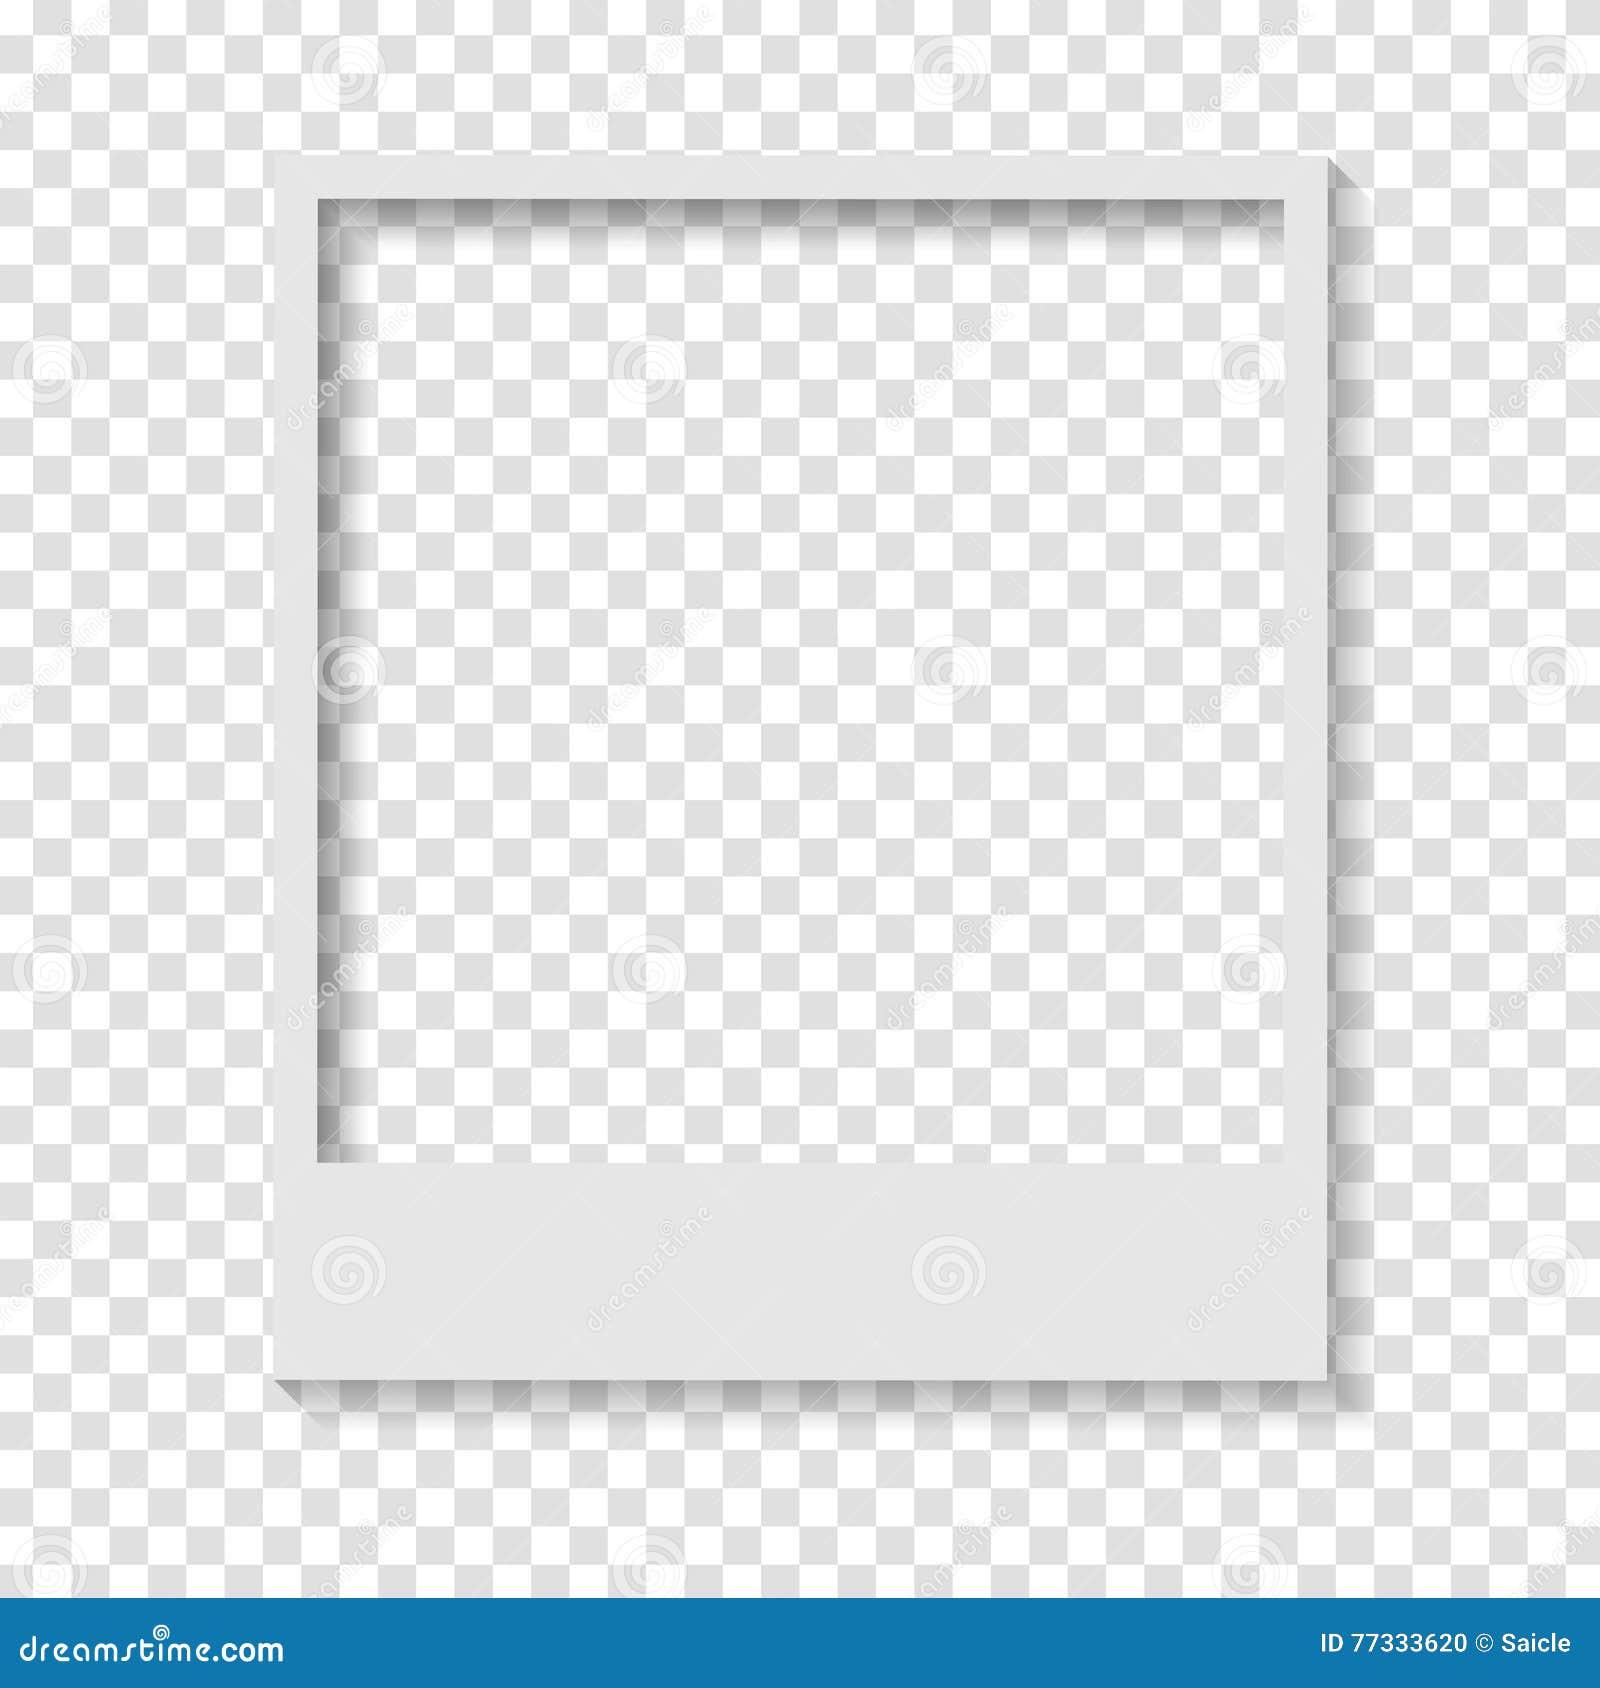 Marco polaroid de la foto del papel transparente en blanco